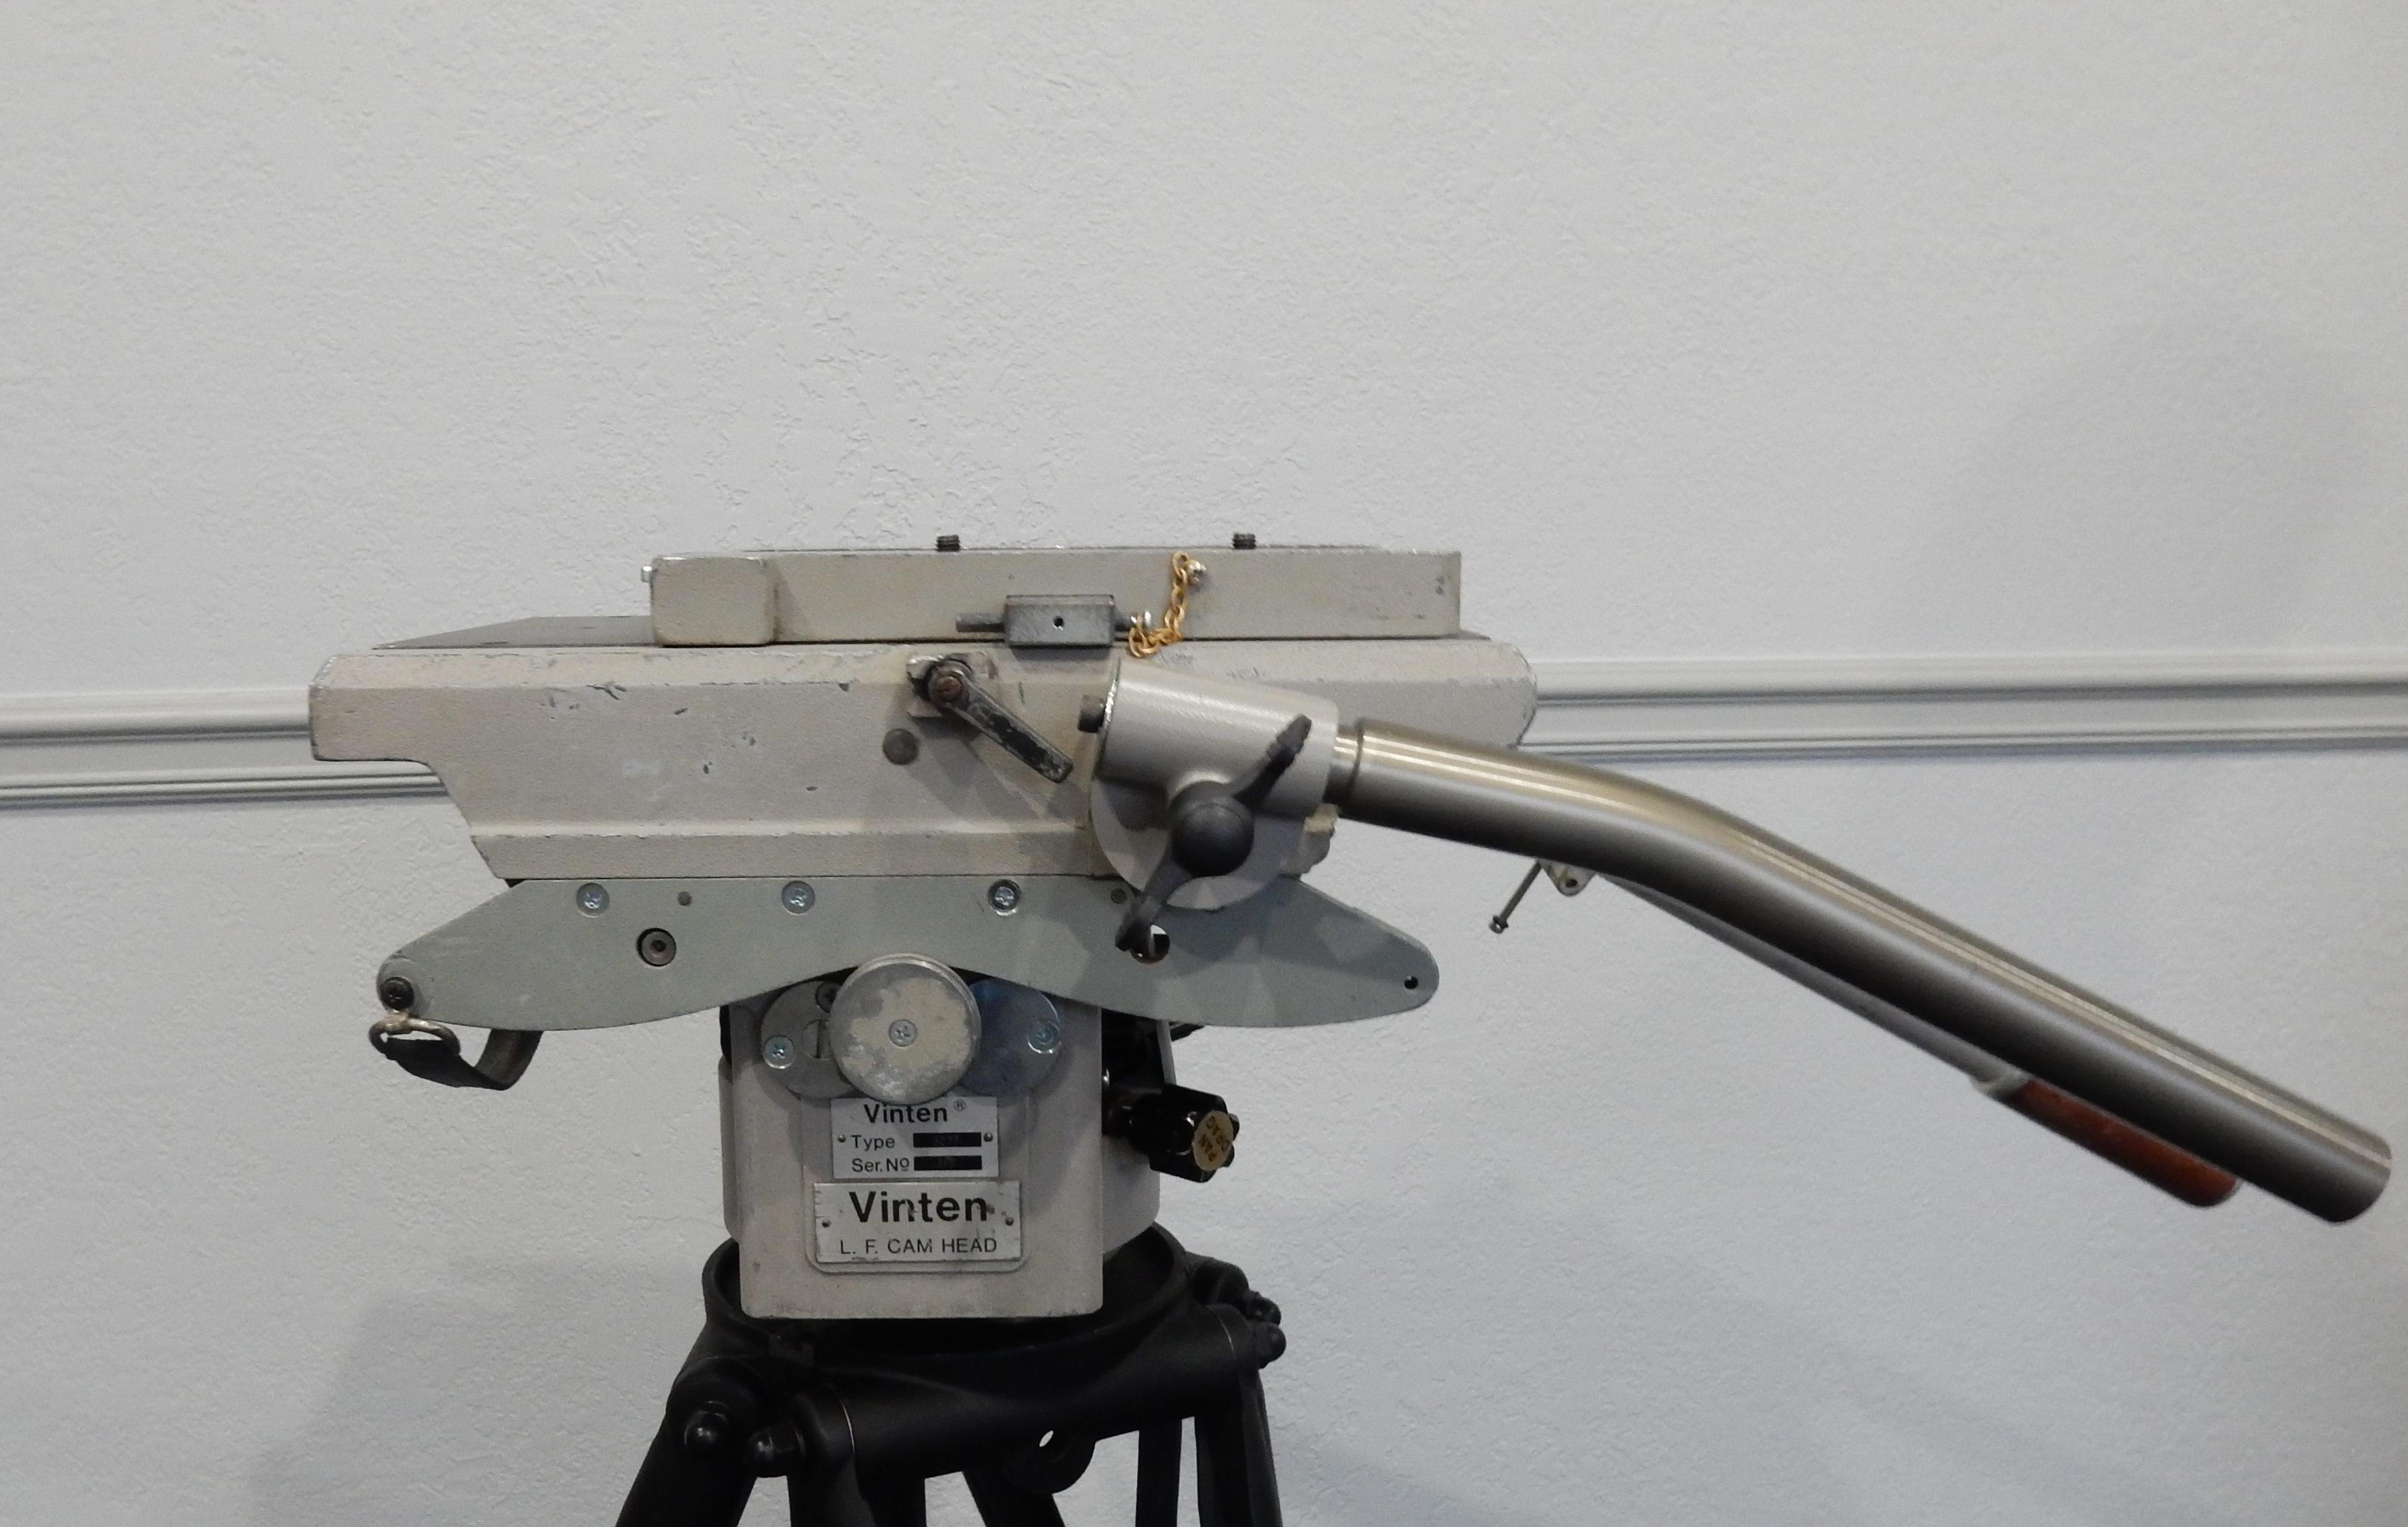 MK-7A VINTEN TRIPOD HEAD